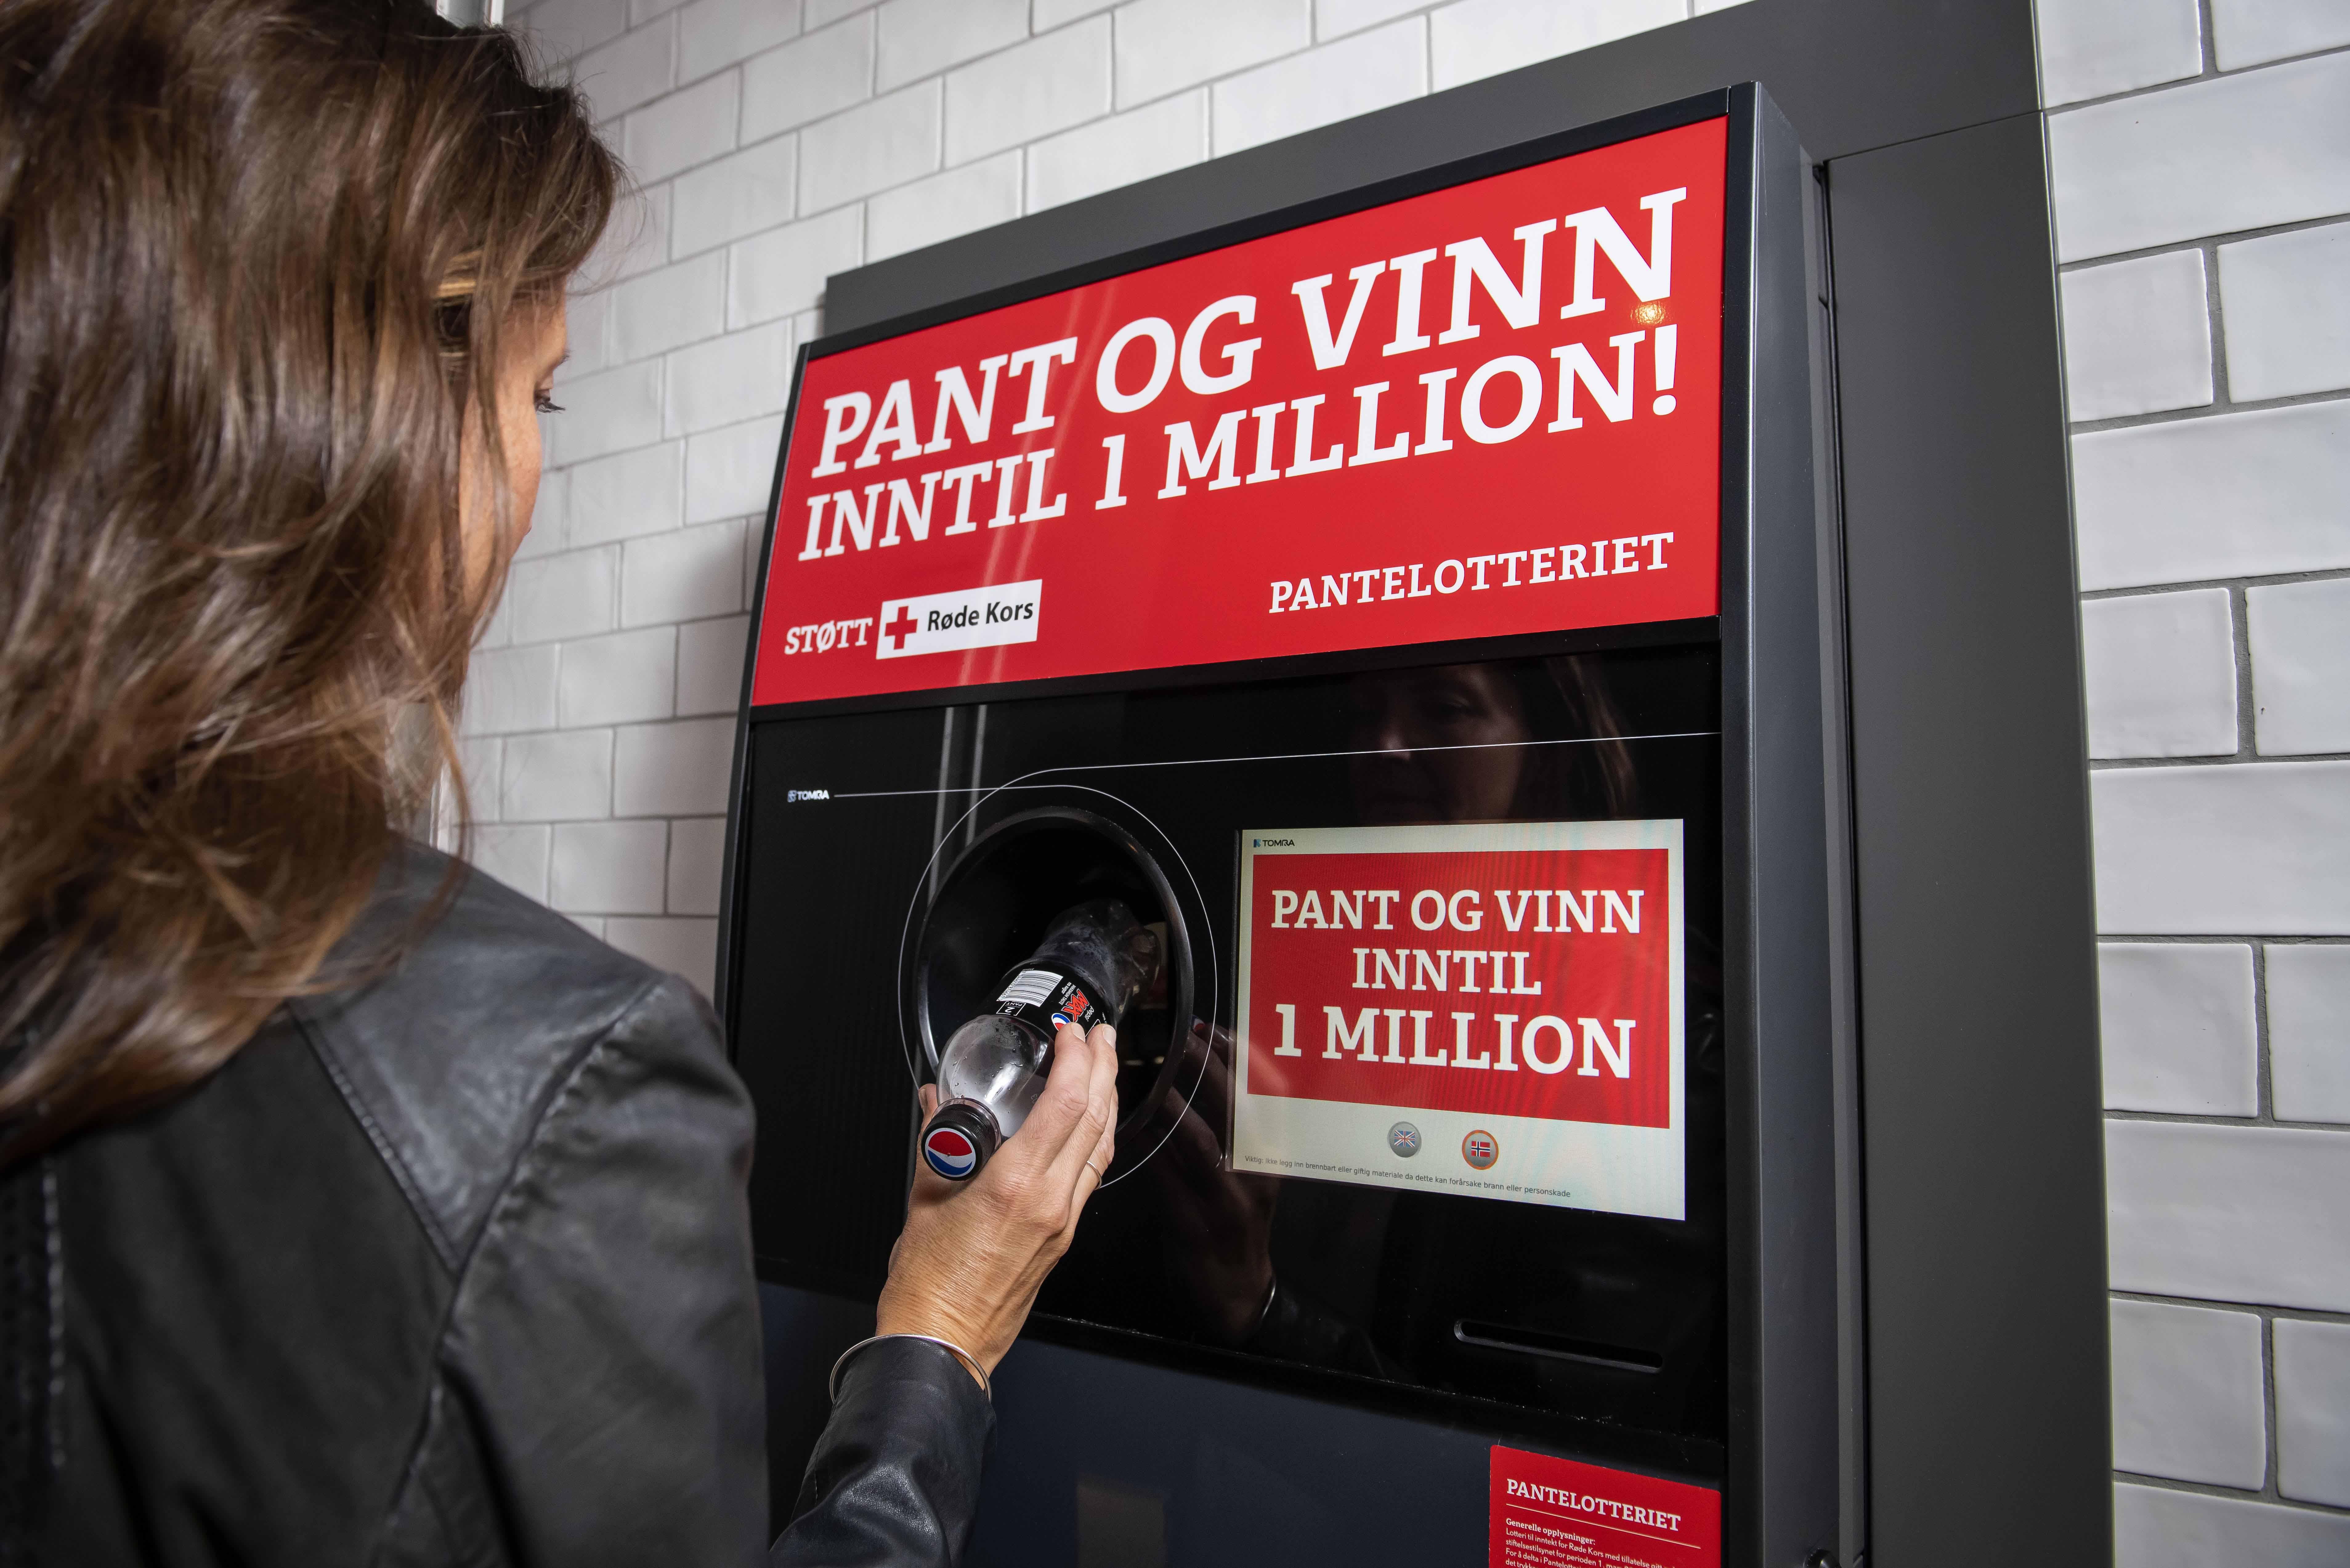 PANTEGEVINST: Røde Kors Fikk Nesten 90 000 Flere Pantekroner I Juli Sammenlignet Med Samme Måned året Før. Foto: Katrine Lunke